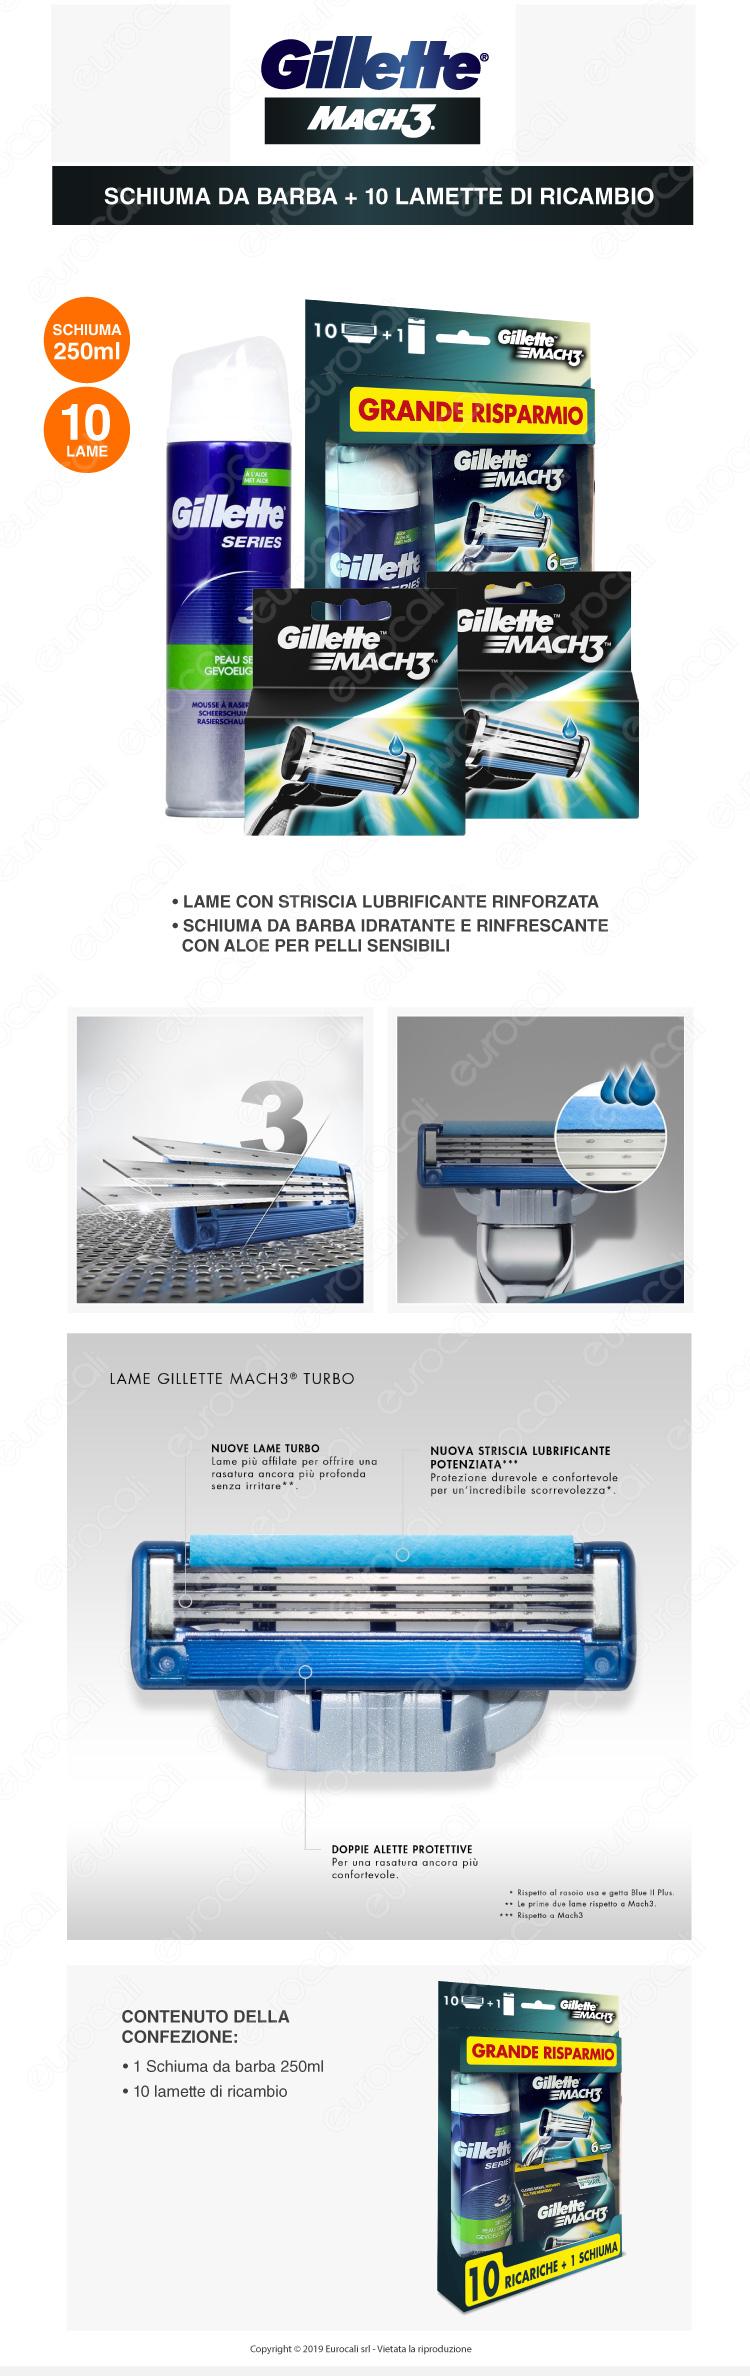 gillette mach3 maxi formato risparmio con 10 lamette e 1 schiuma da barba da 250ml